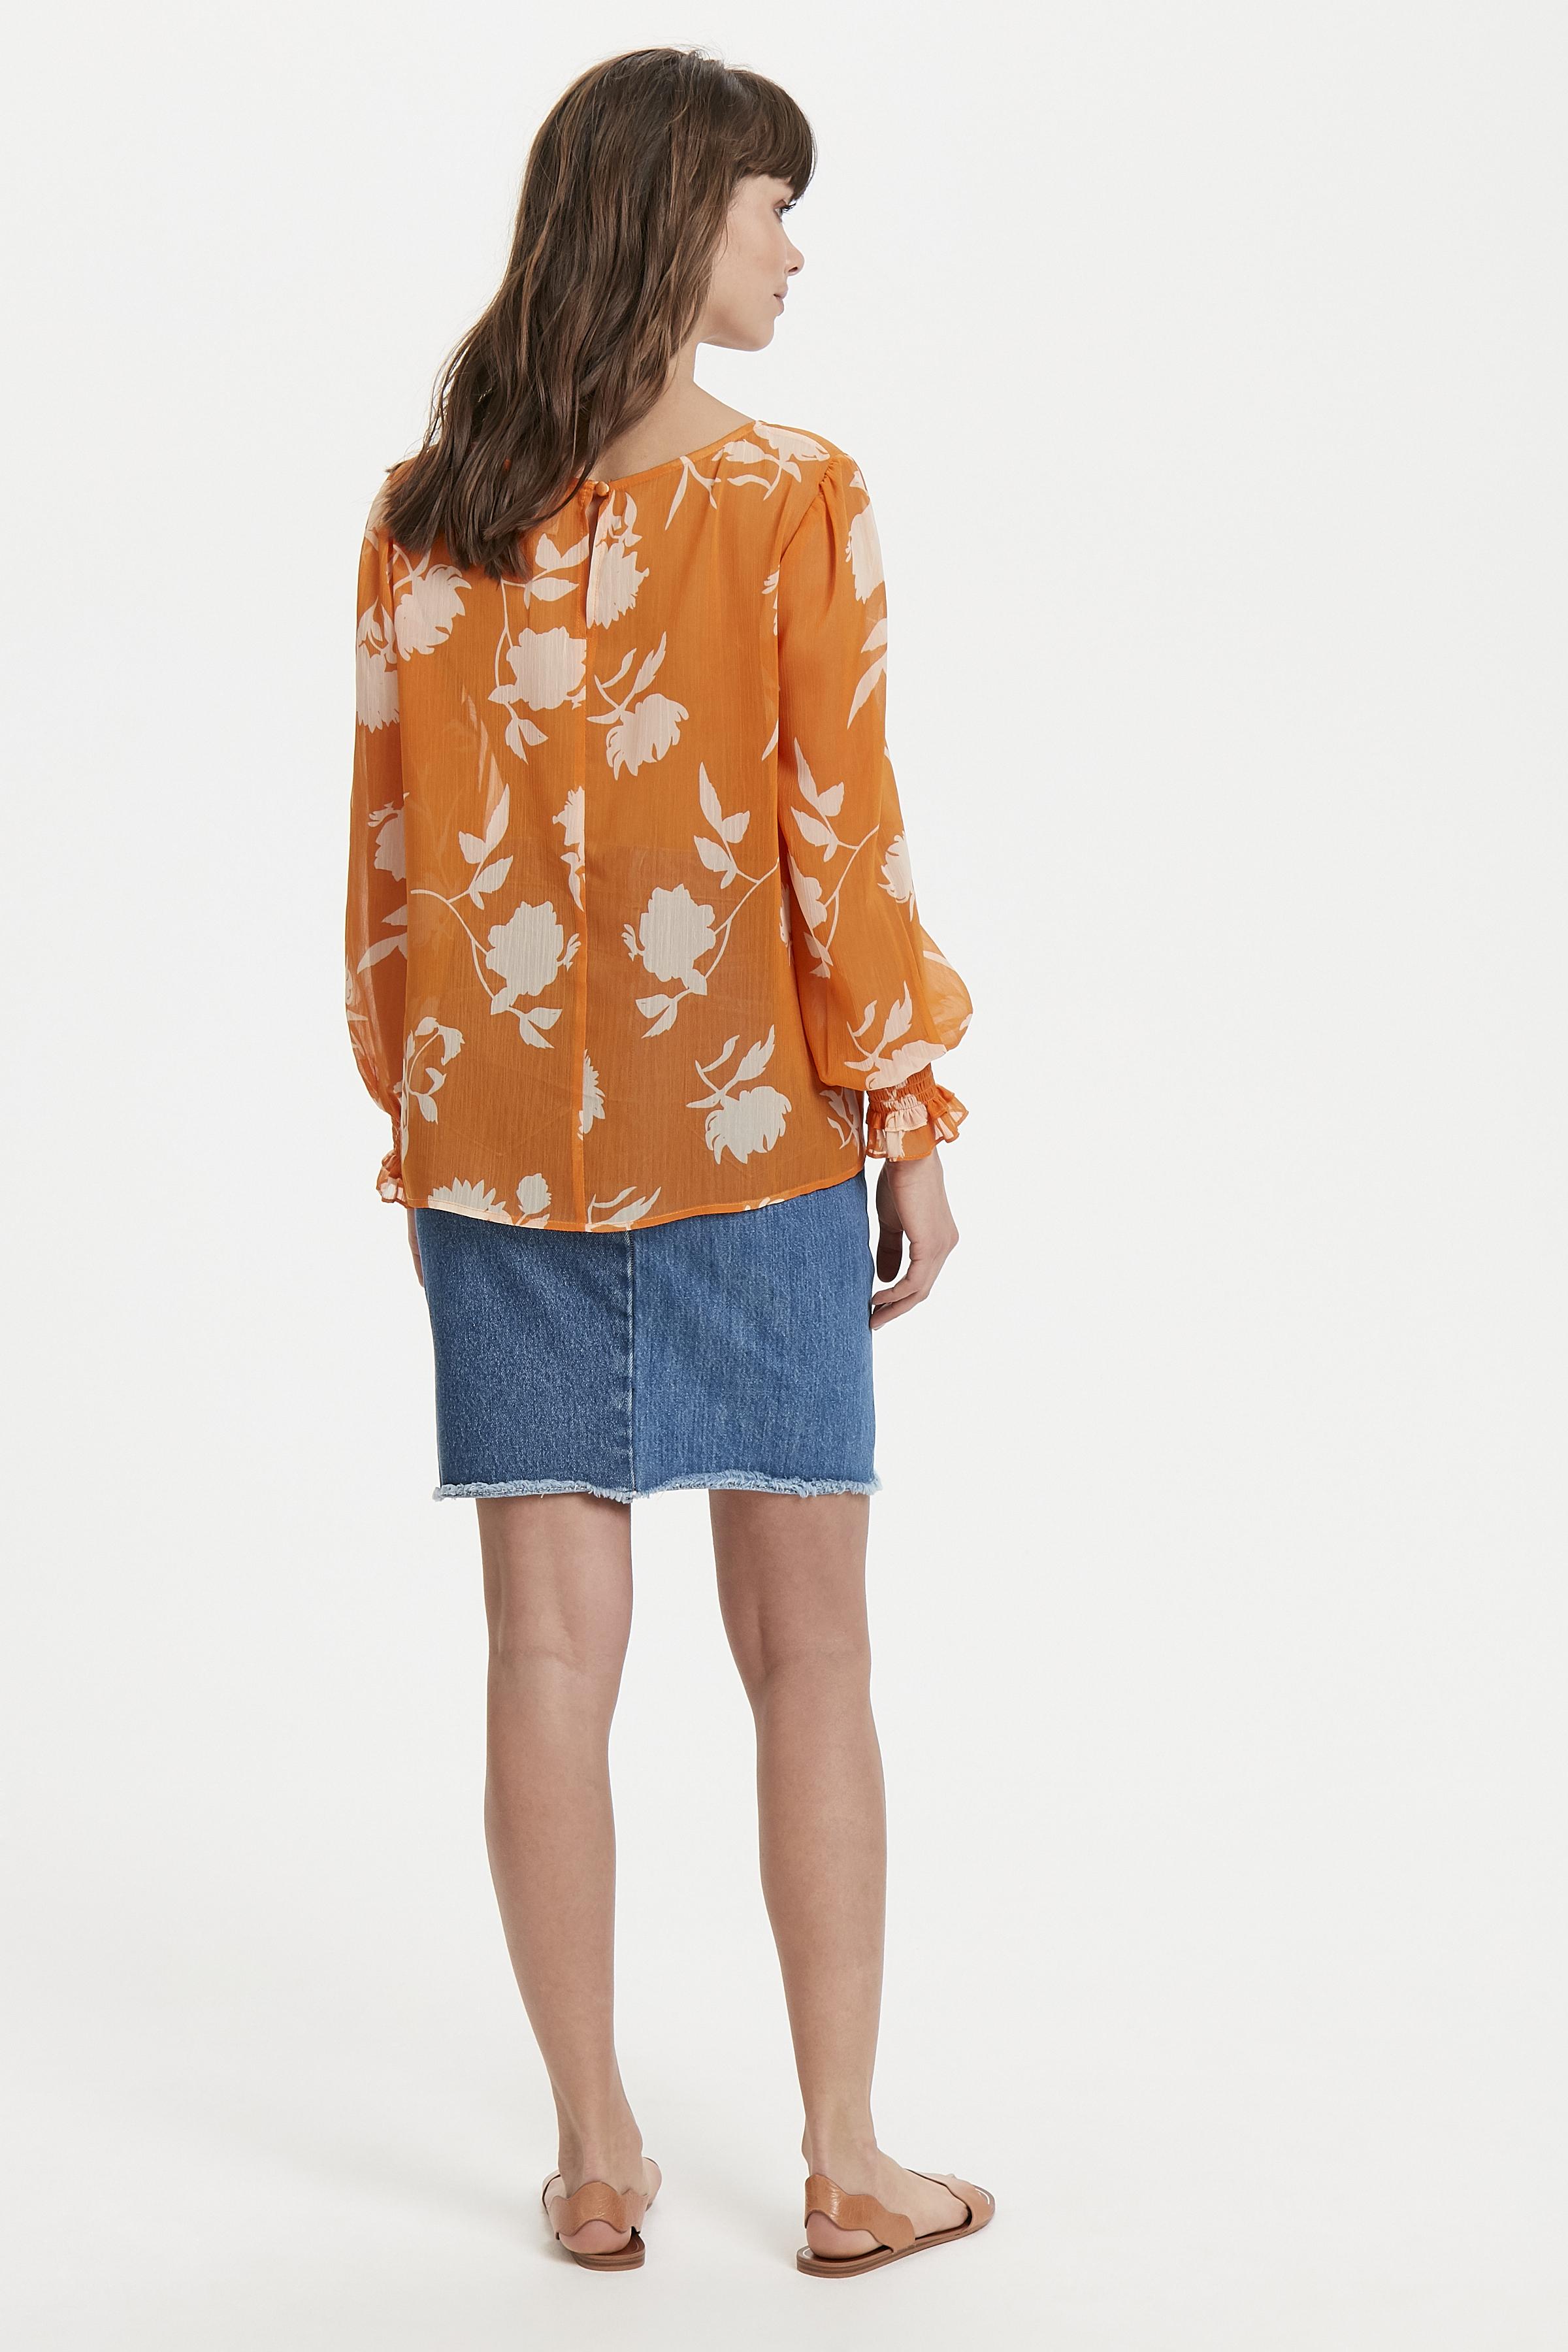 Russet Orange Langærmet skjorte – Køb Russet Orange Langærmet skjorte fra str. XS-XL her